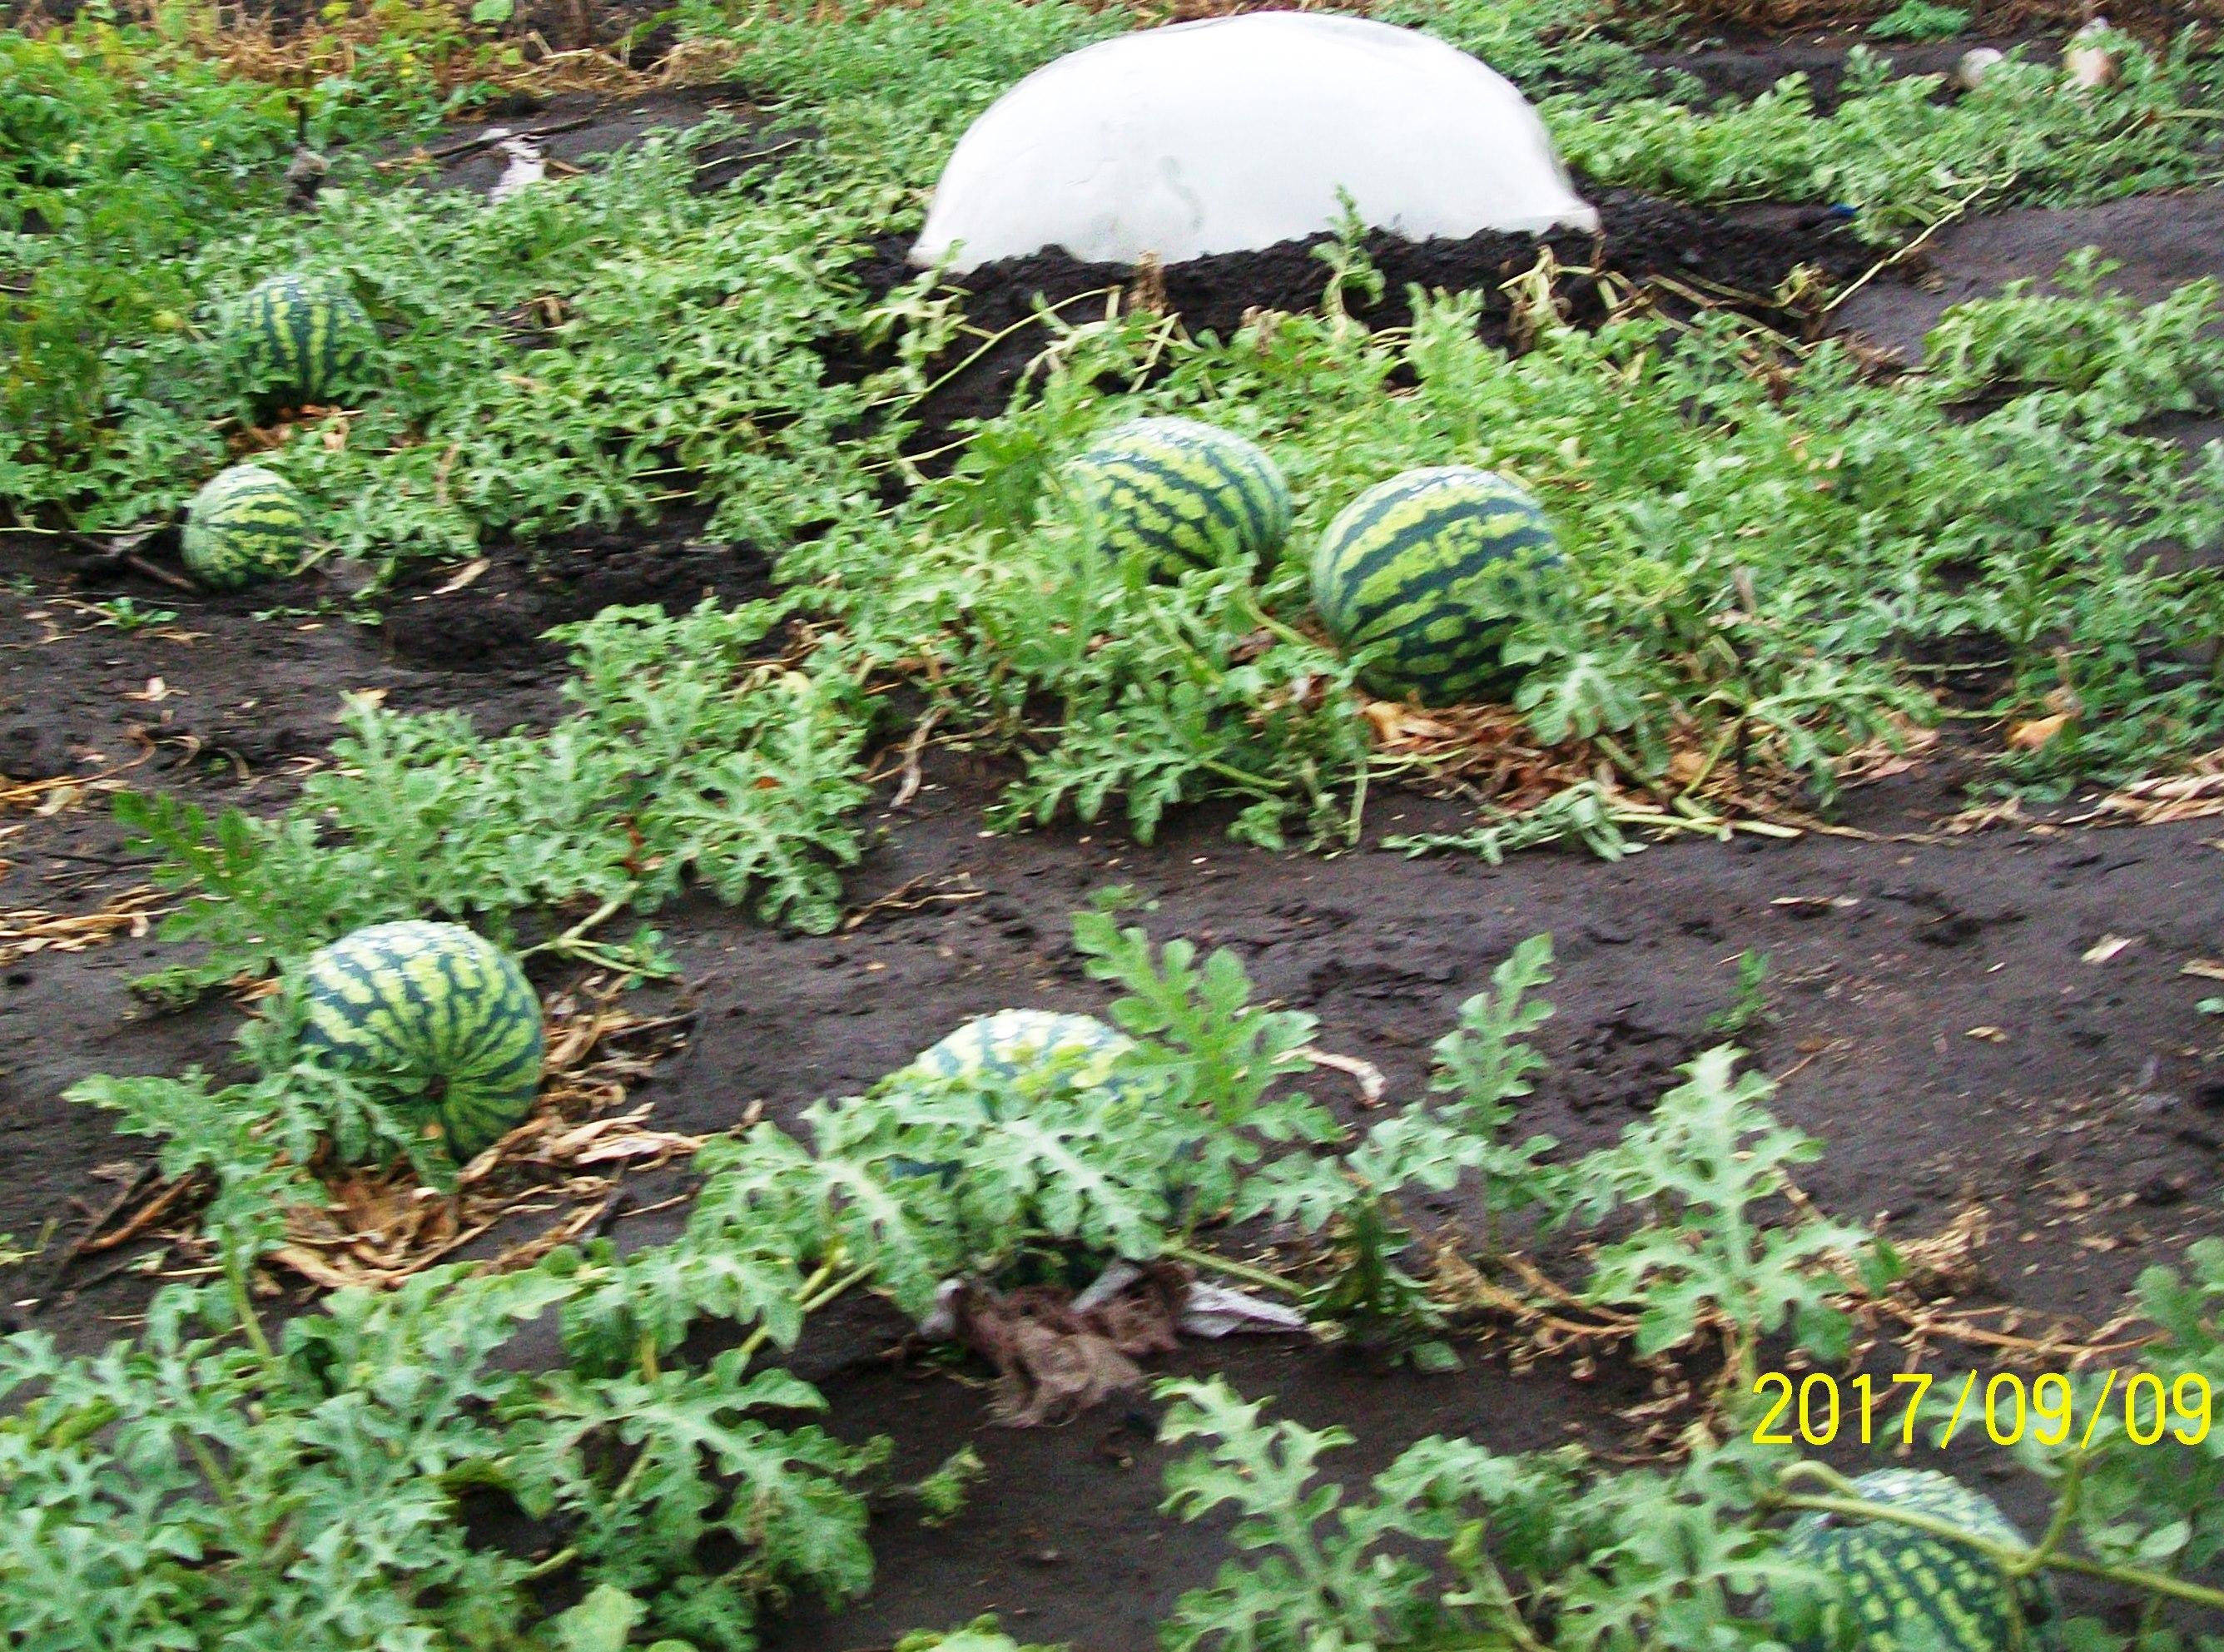 Перед дождями в сентябре агропанели лучше накрыть минипарниками, чтобы арбузы не были водянистыми. Уфа, сентябрь 2017.